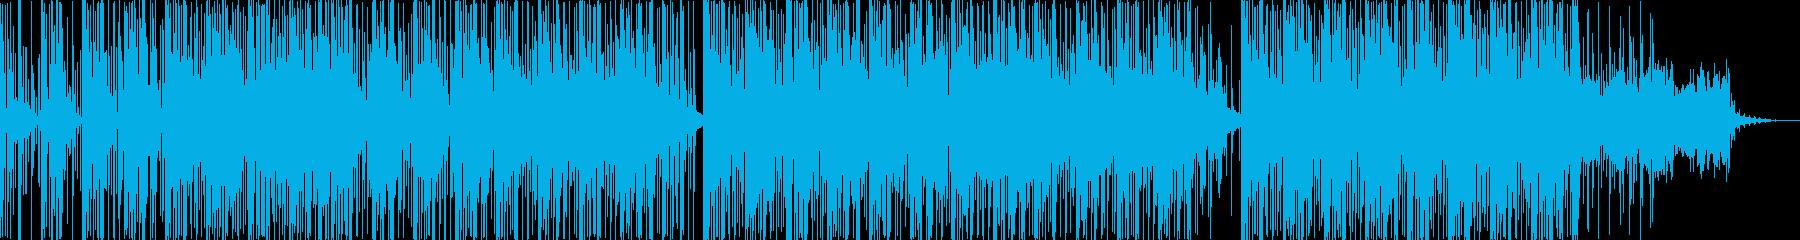 エレクトロニック 技術的な 繰り返...の再生済みの波形